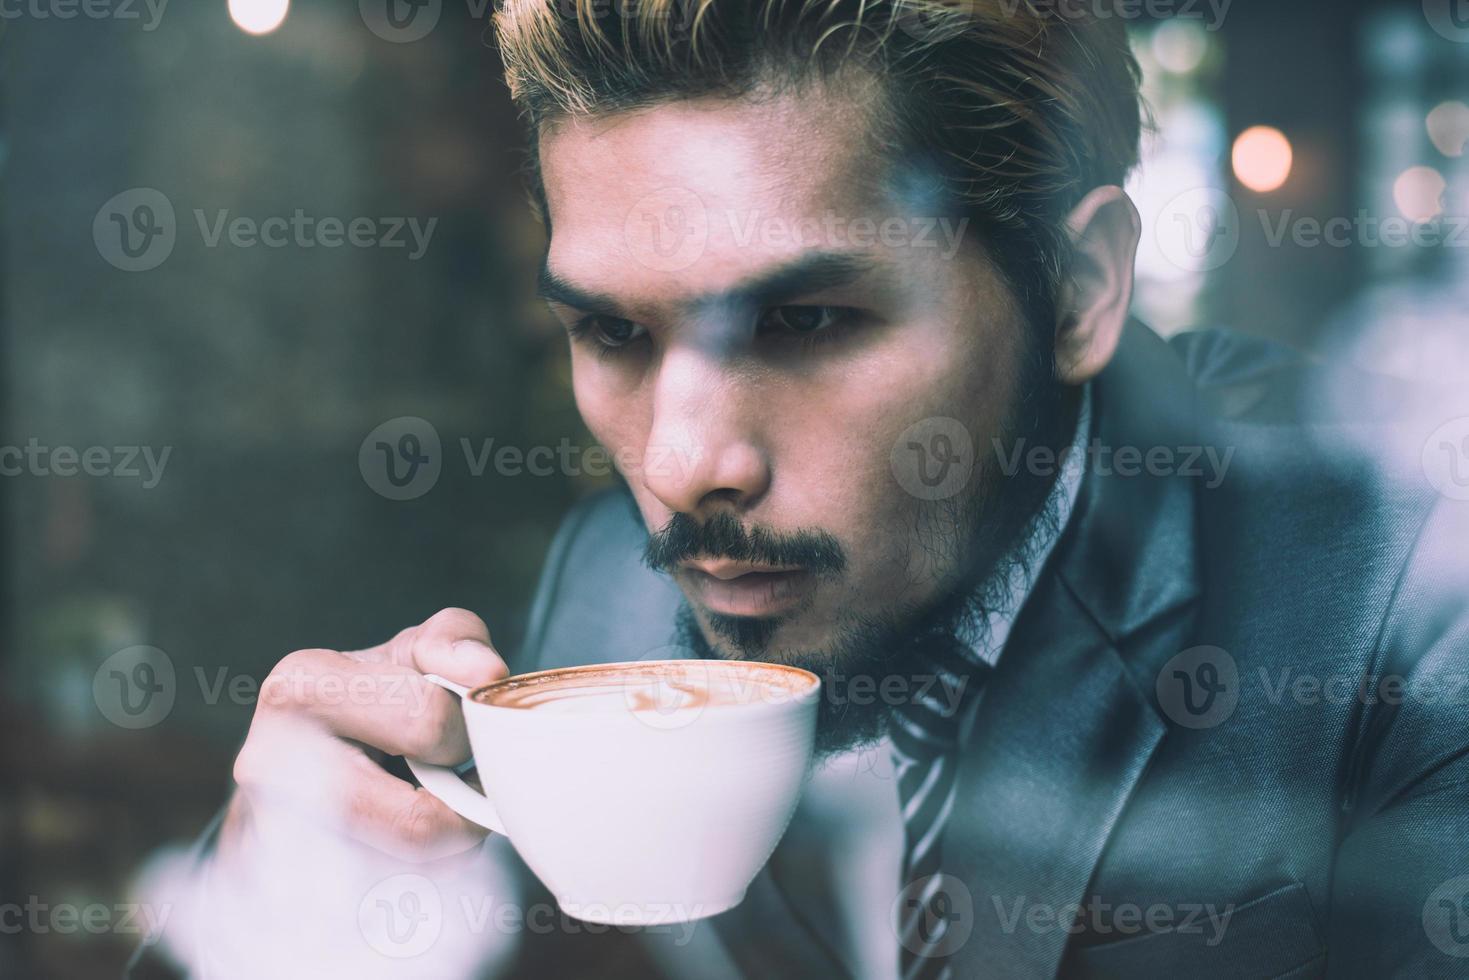 homme d & # 39; affaires, boire du café dans le café de la ville pendant l & # 39; heure du déjeuner photo